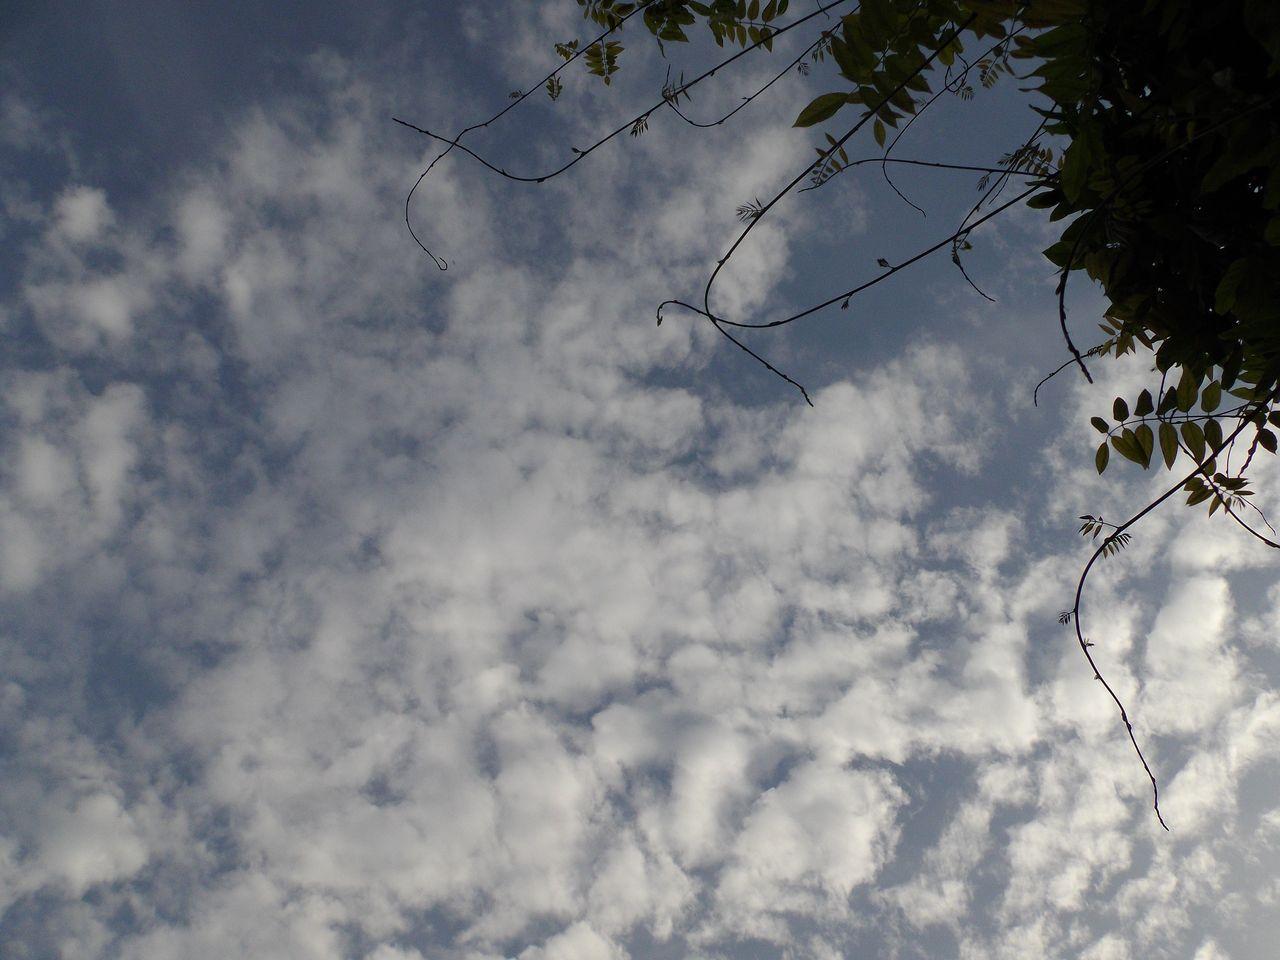 雑草の歩道も輝く夏の日_c0025115_22321443.jpg